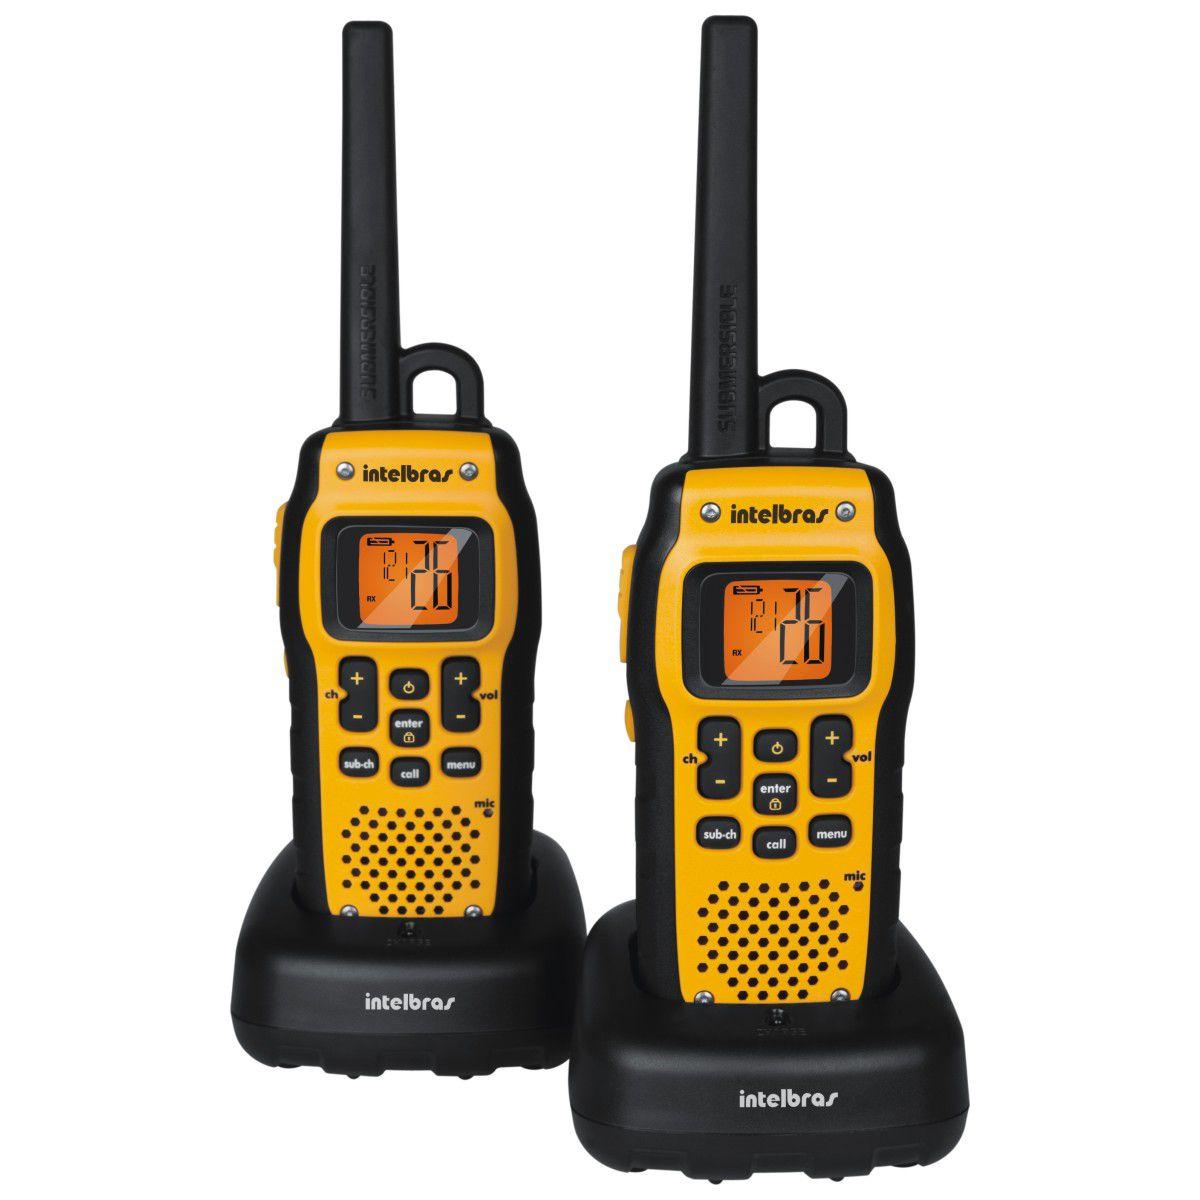 Radiocomunicador Twin À Prova D'Água- Intelbras (Bivolt)